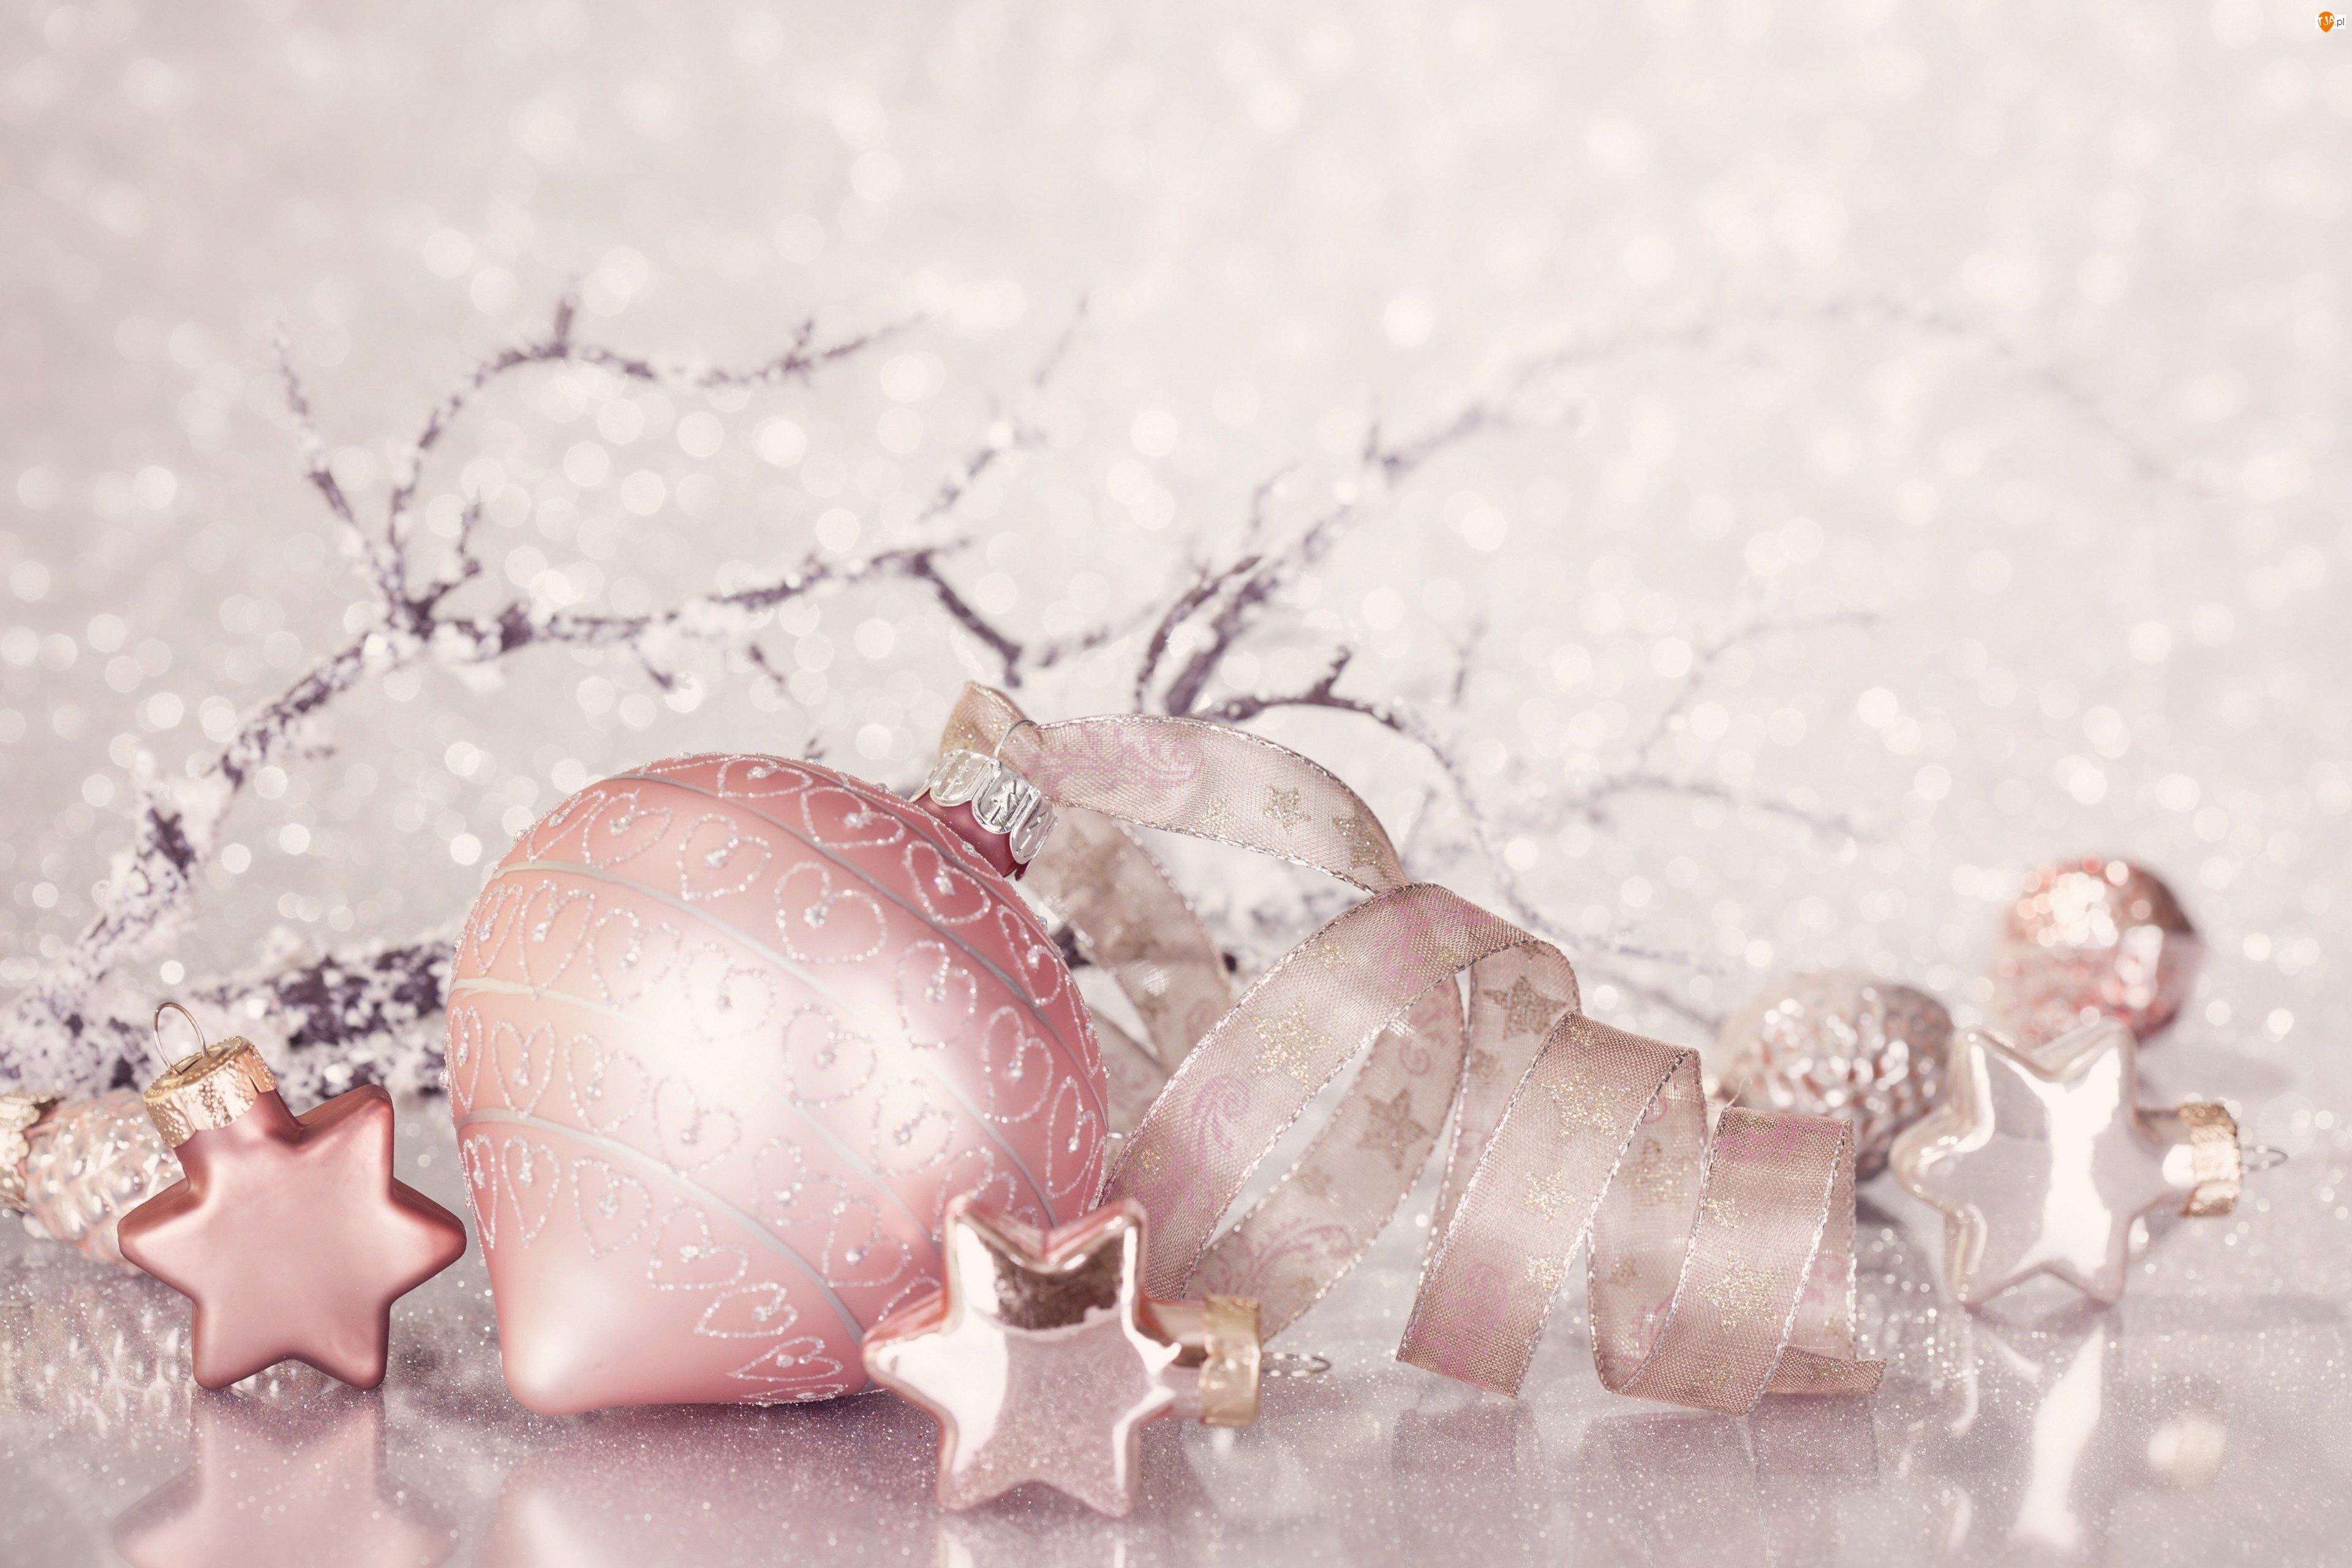 Gwiazdki, Boże Narodzenie, Bombka, Różowa, Wstążka